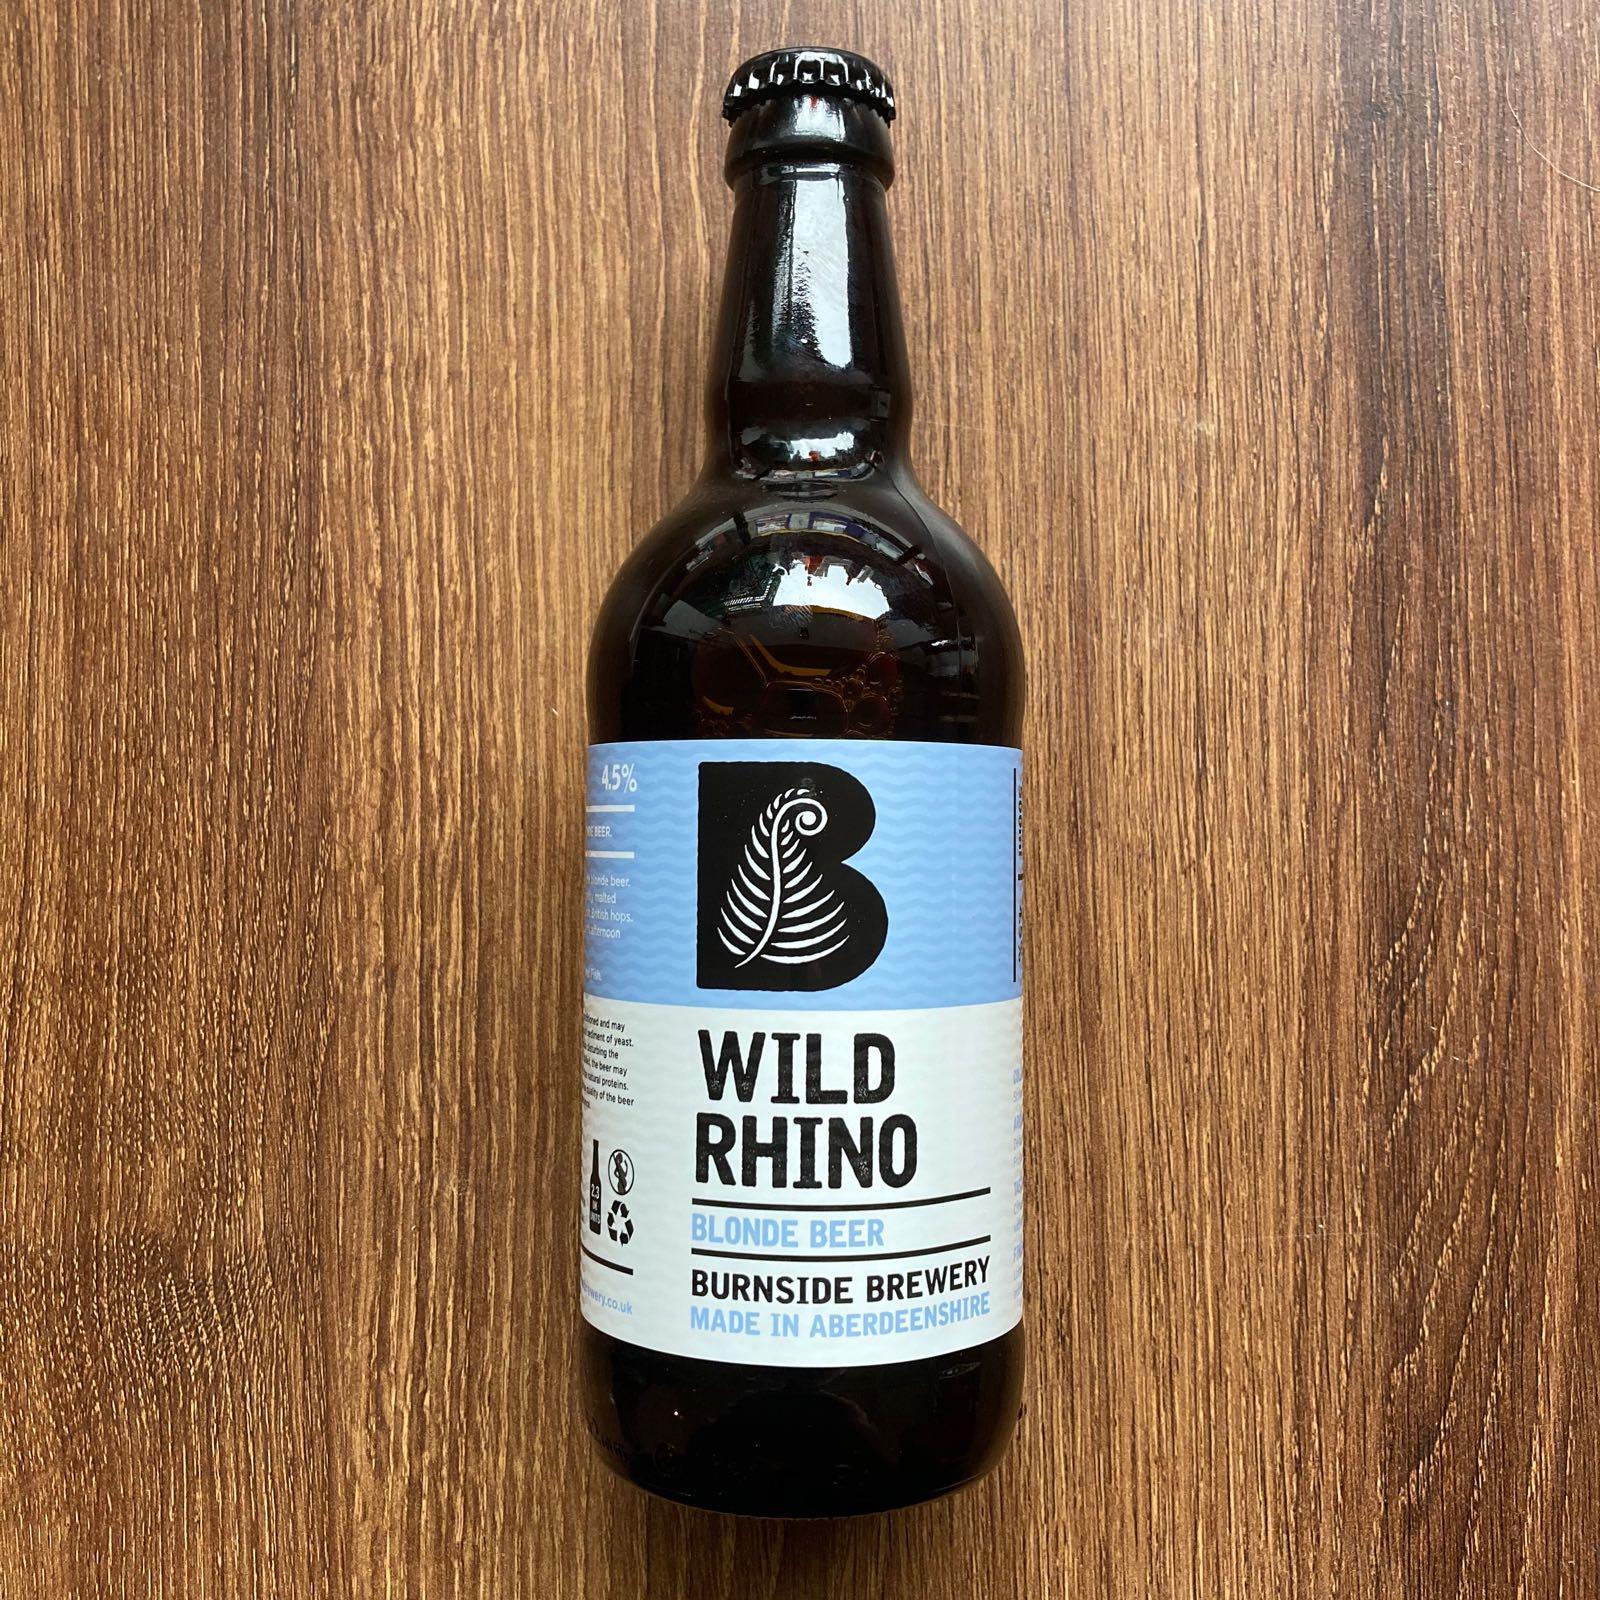 Wild Rhino - Burnside Brewery